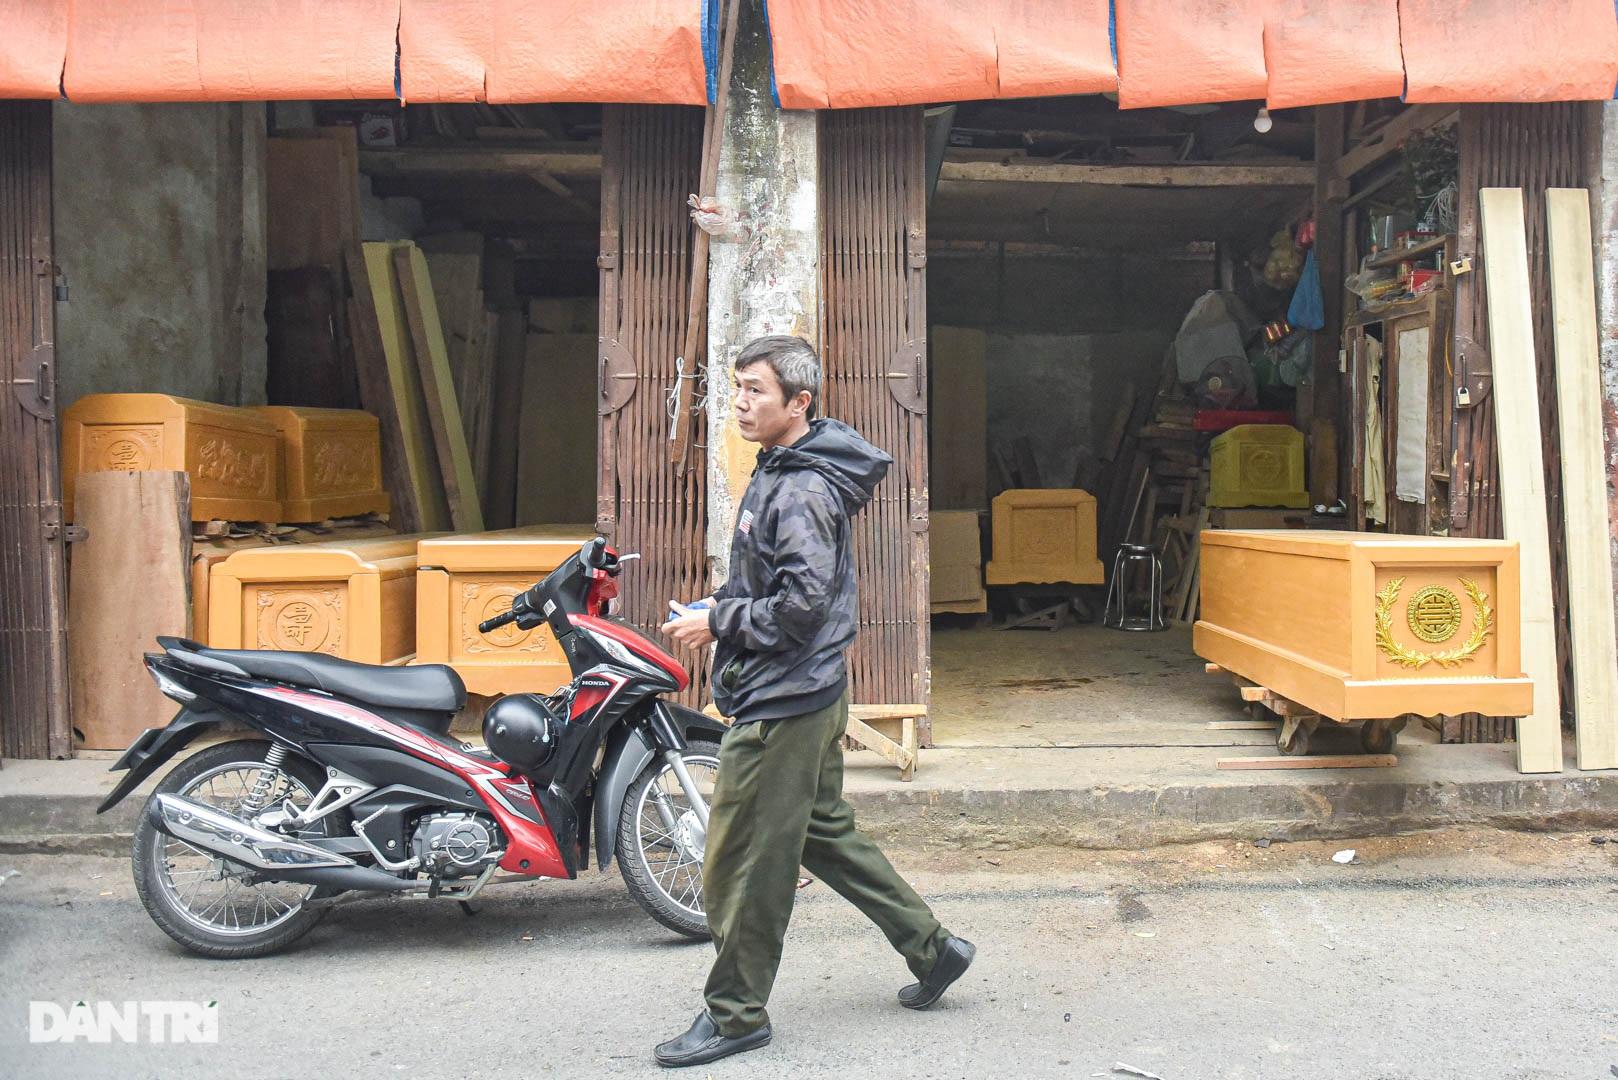 Khu chợ có cái tên độc, lạ bán đủ loại thượng vàng, hạ cám ở Hà Nội - 6